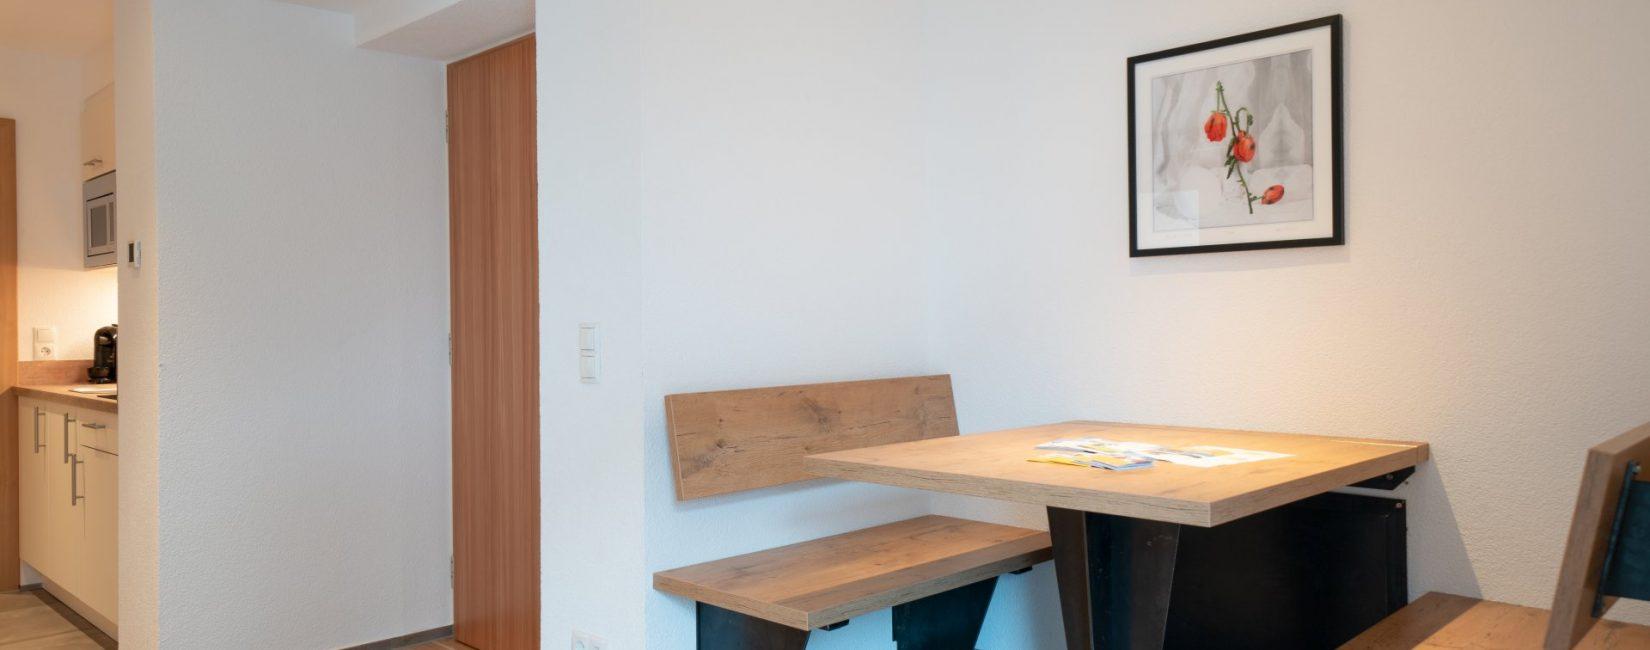 Appartement 1 – Bärenhöhle – 4 Pers.